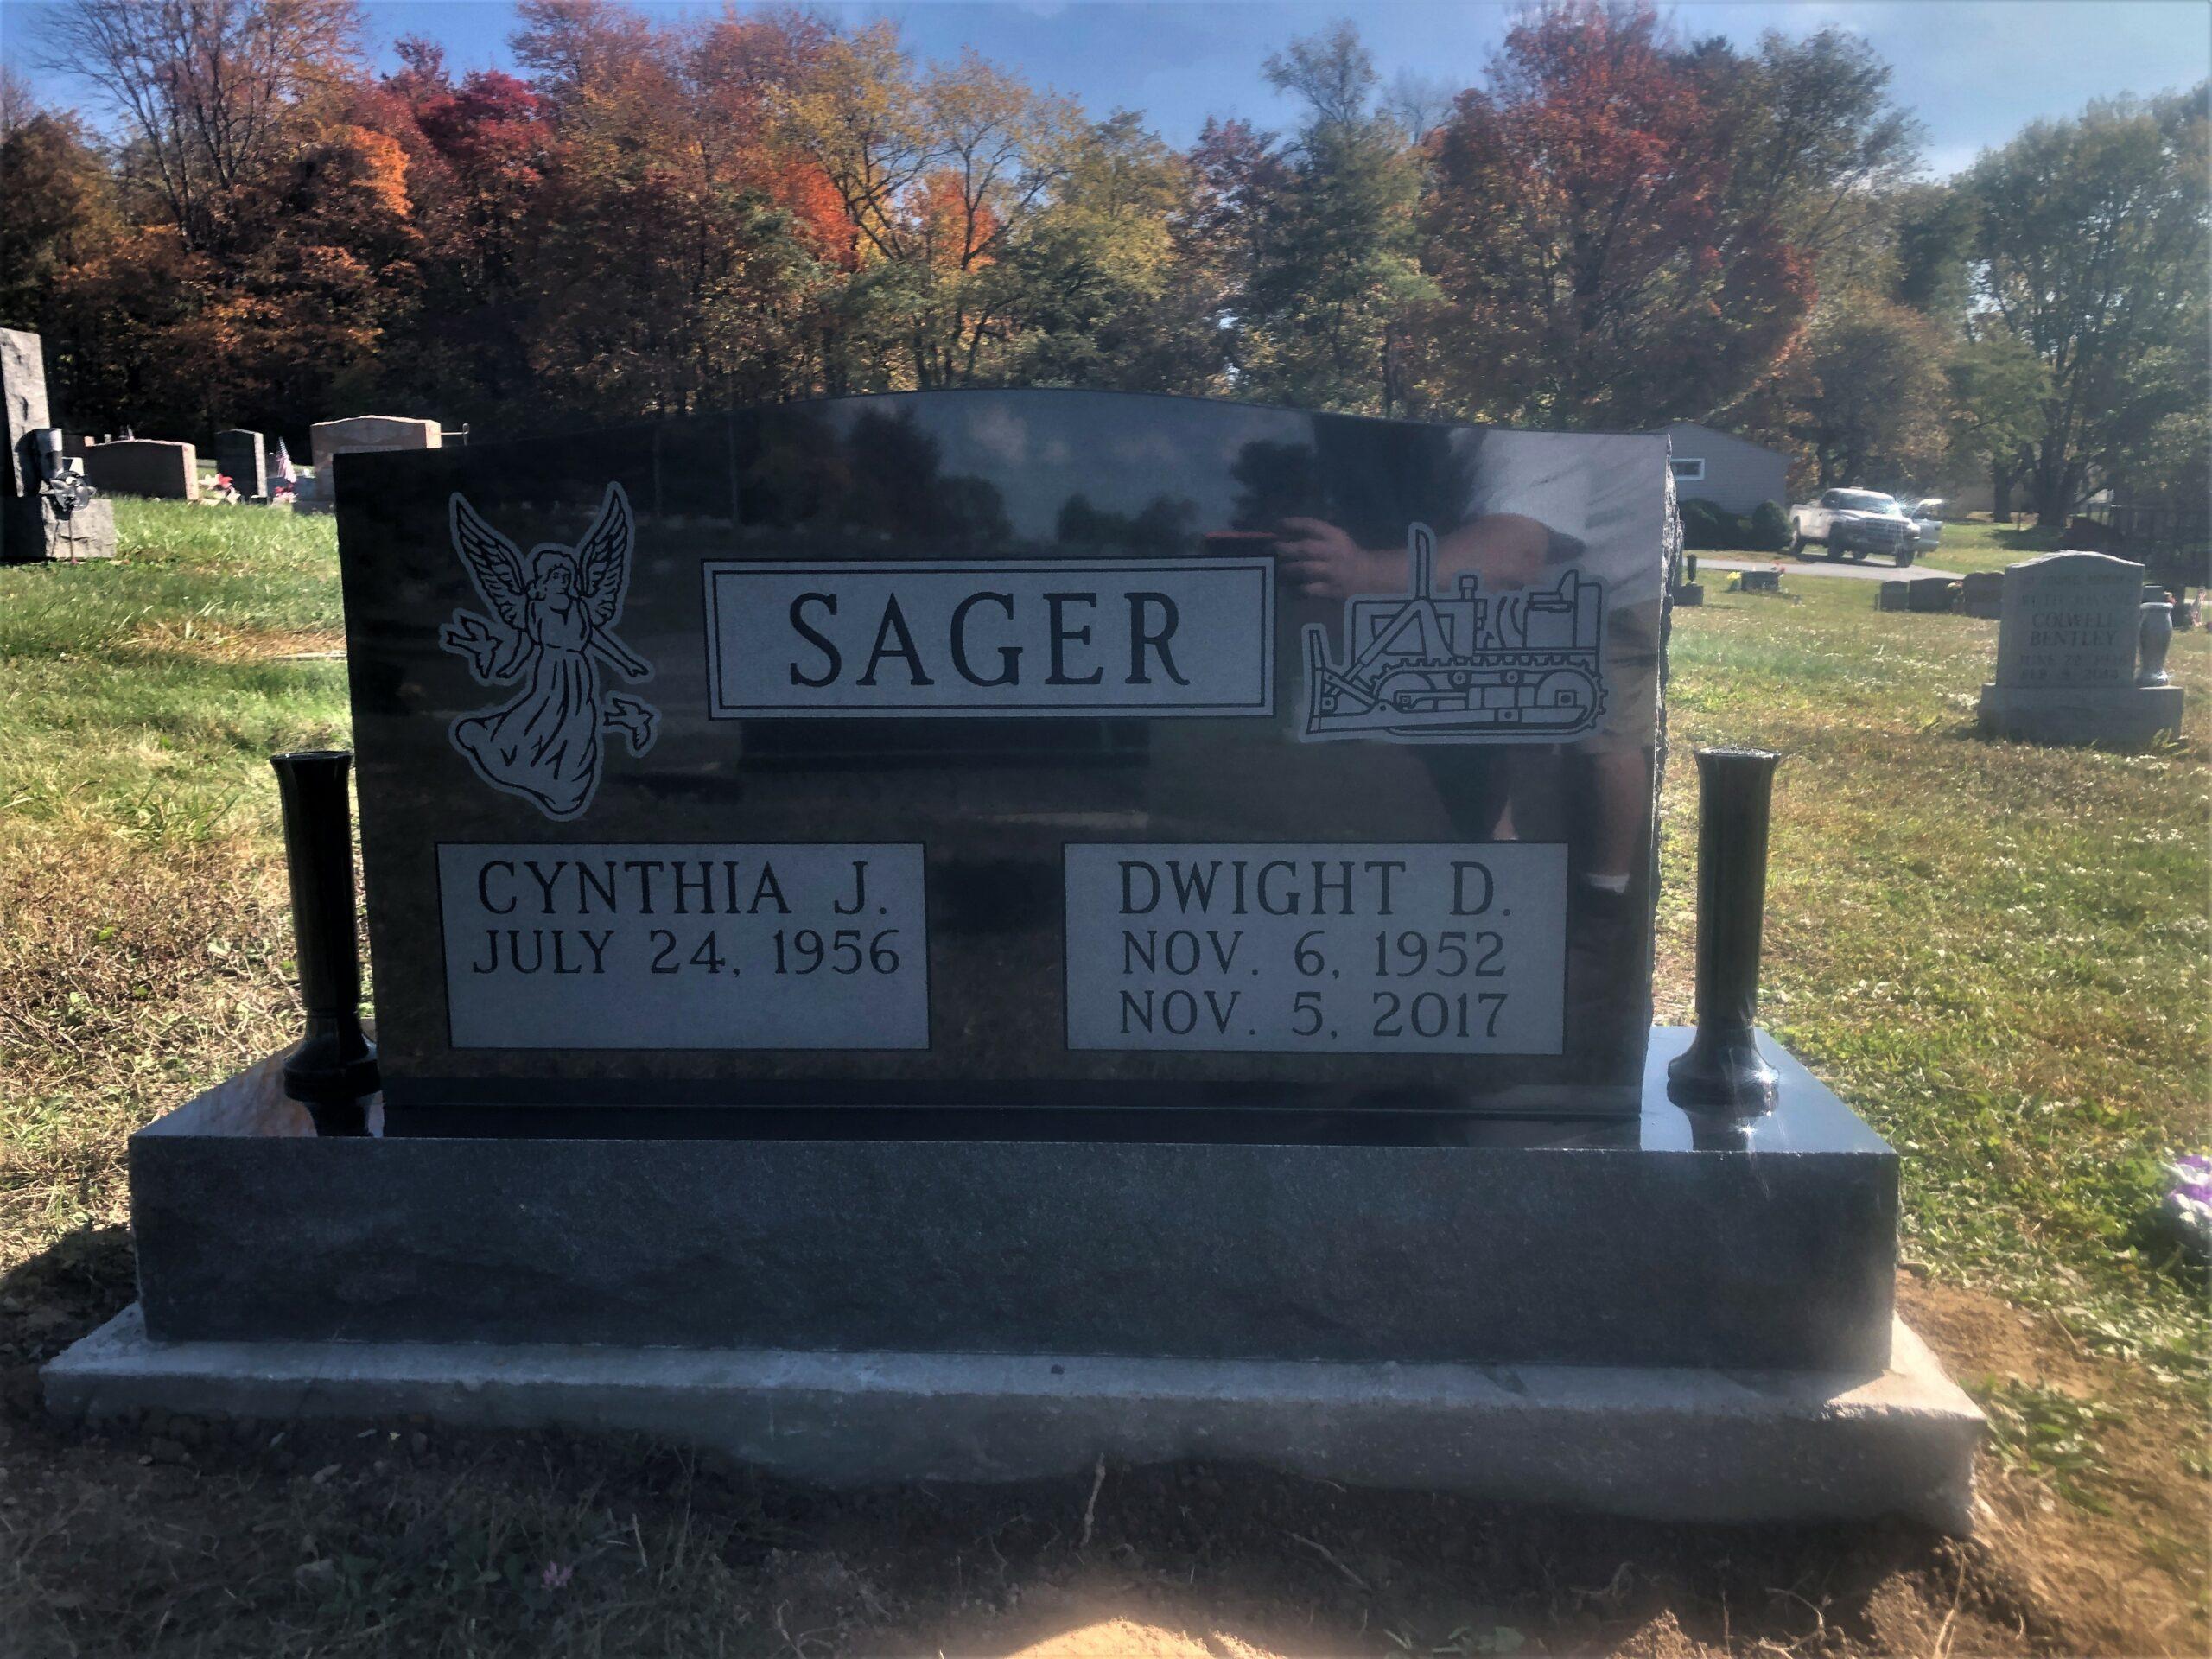 Sager, Dwight